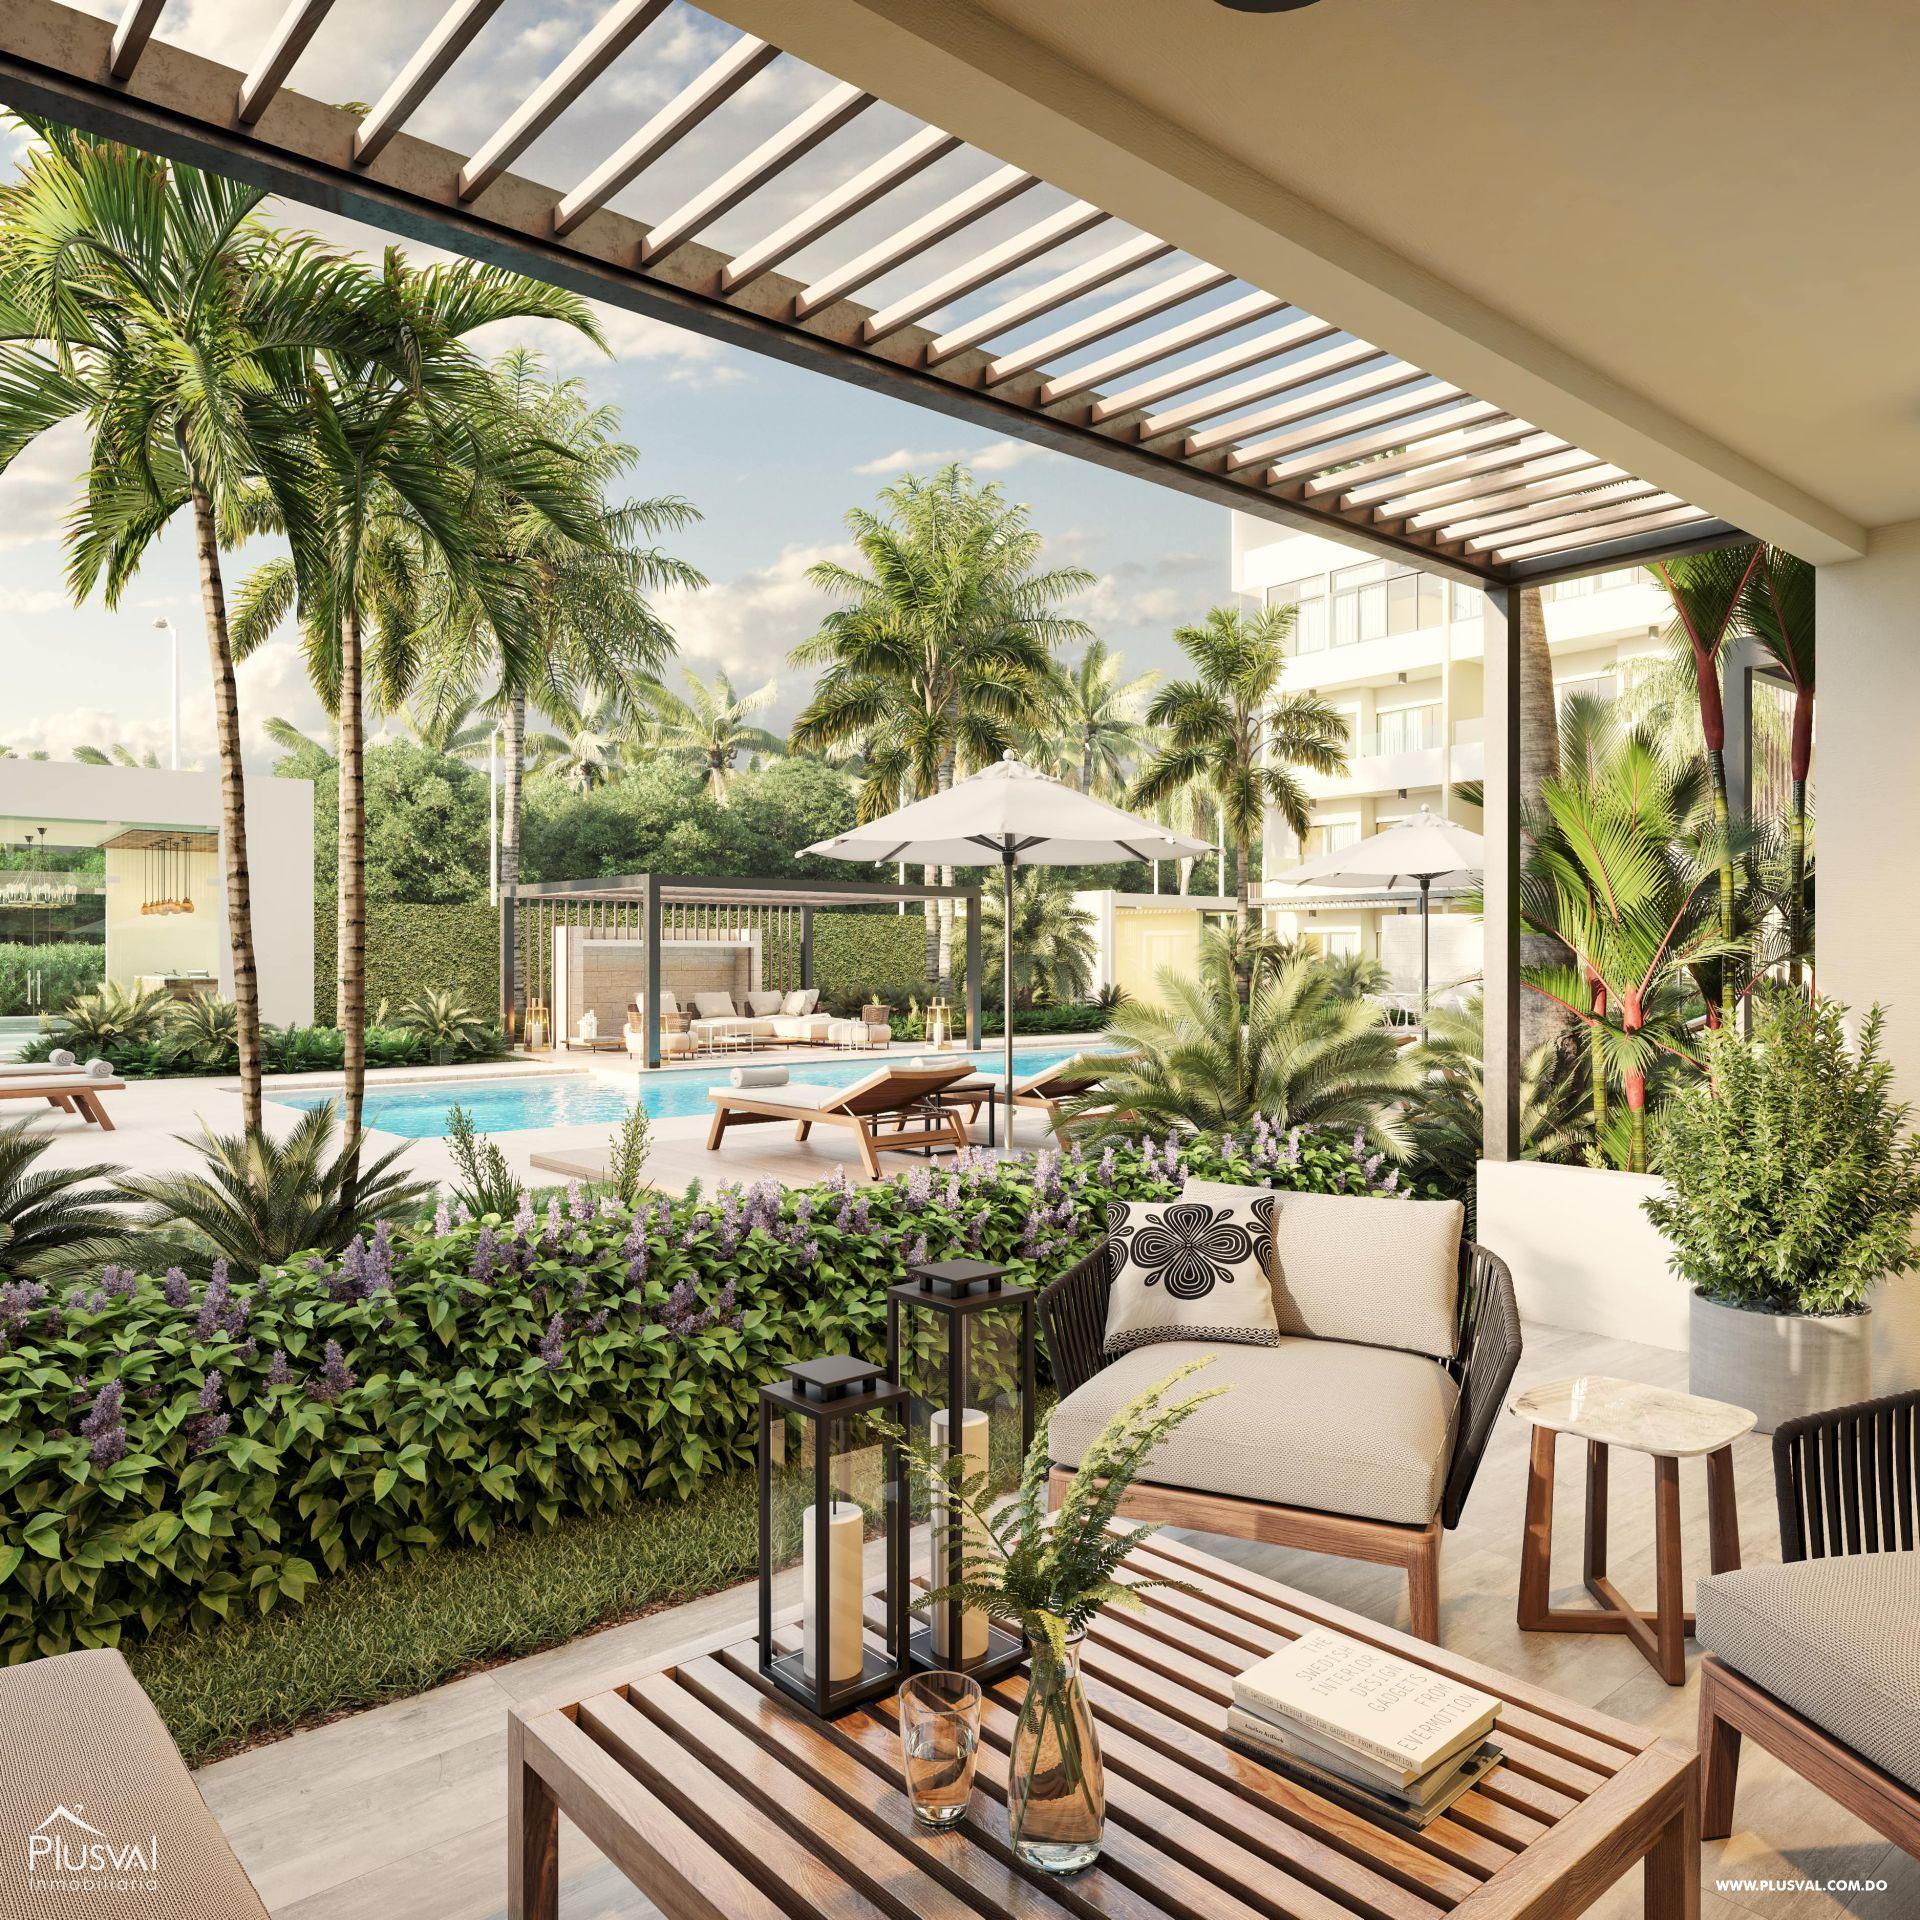 Apartamento de inversión en Bávaro - Punta Cana